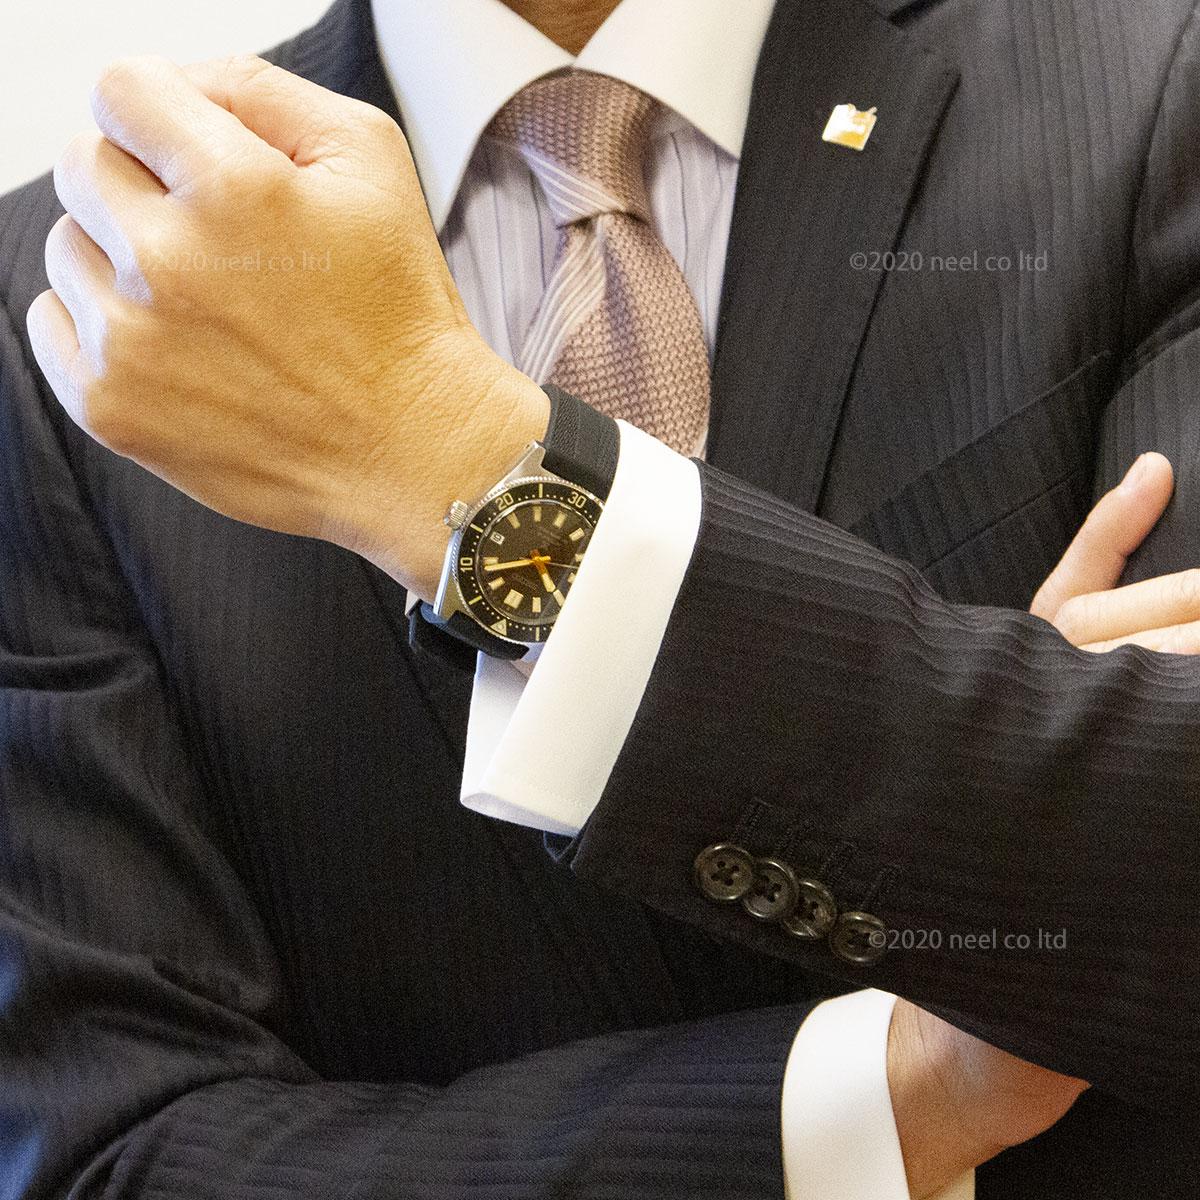 セイコー プロスペックス SEIKO PROSPEX 1stダイバーズ メカニカル 自動巻き コアショップ専用モデル 腕時計 メンズ ヒストリカルコレクション SBDC105